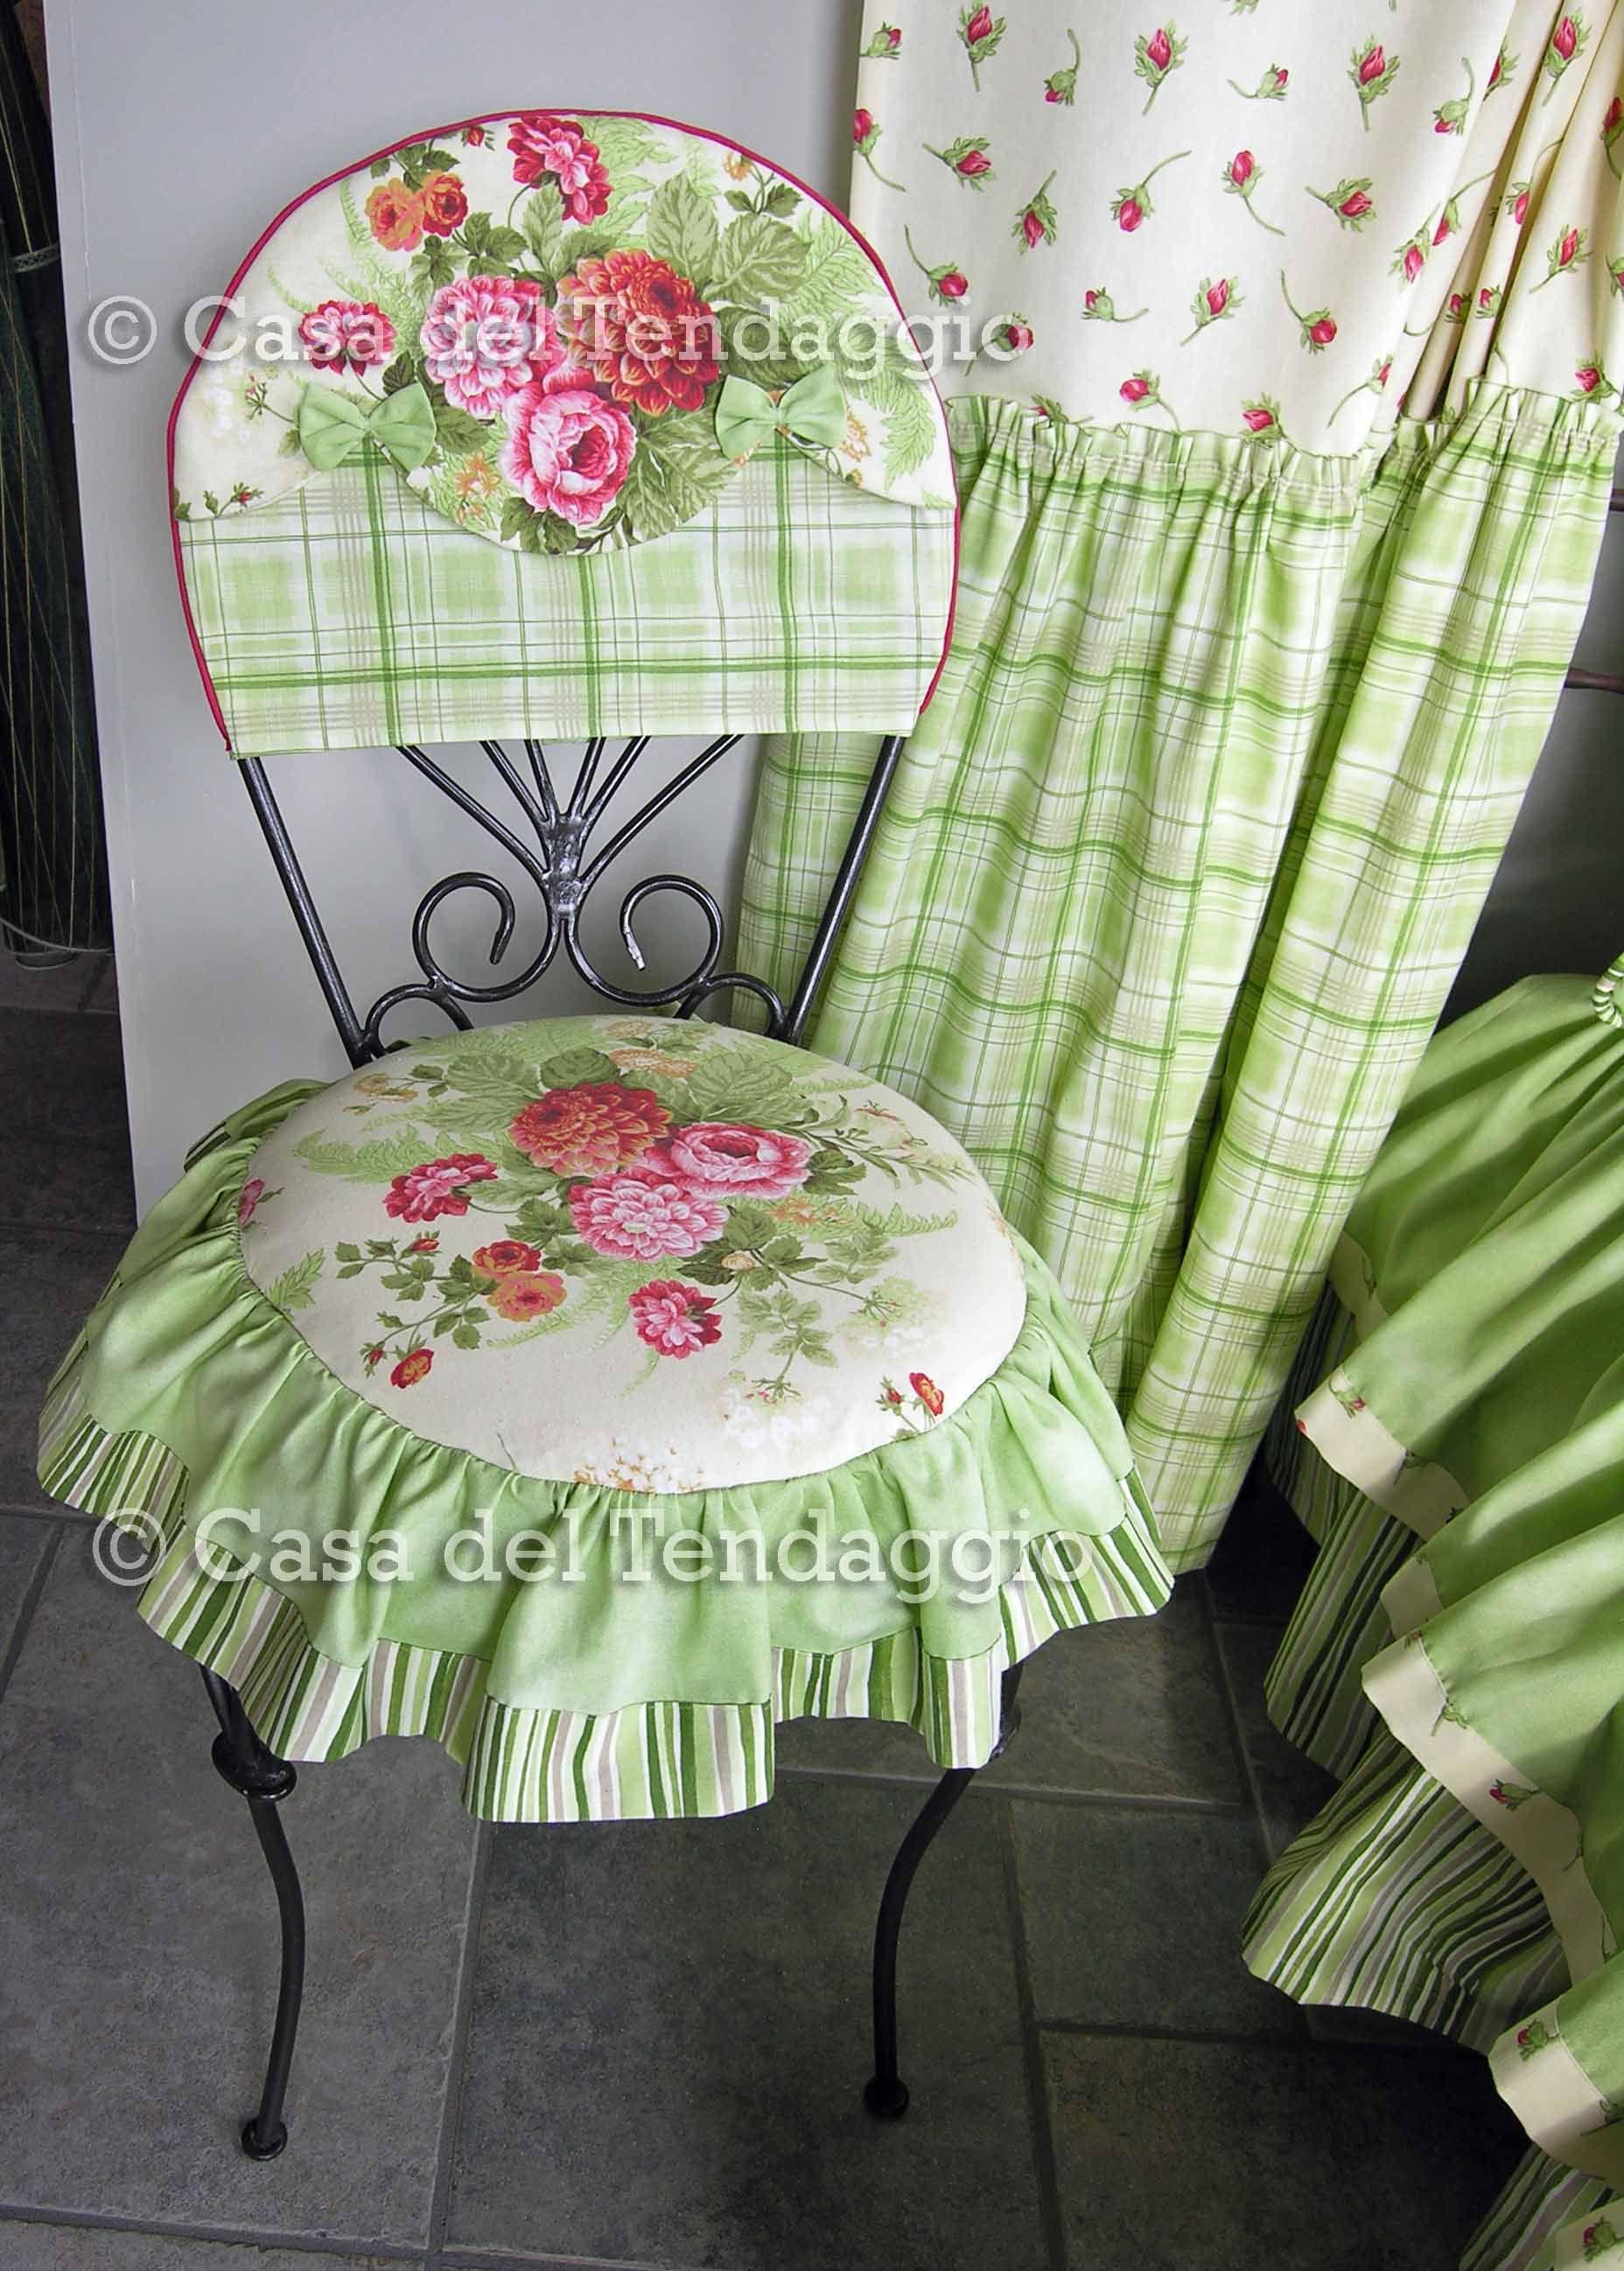 Pin De Gonul Sipal Em Koltuk Kilifi Em 2020 Almofadas Para Cadeiras De Cozinha Capas Para Cadeira De Cozinha Enfeites Para Casa